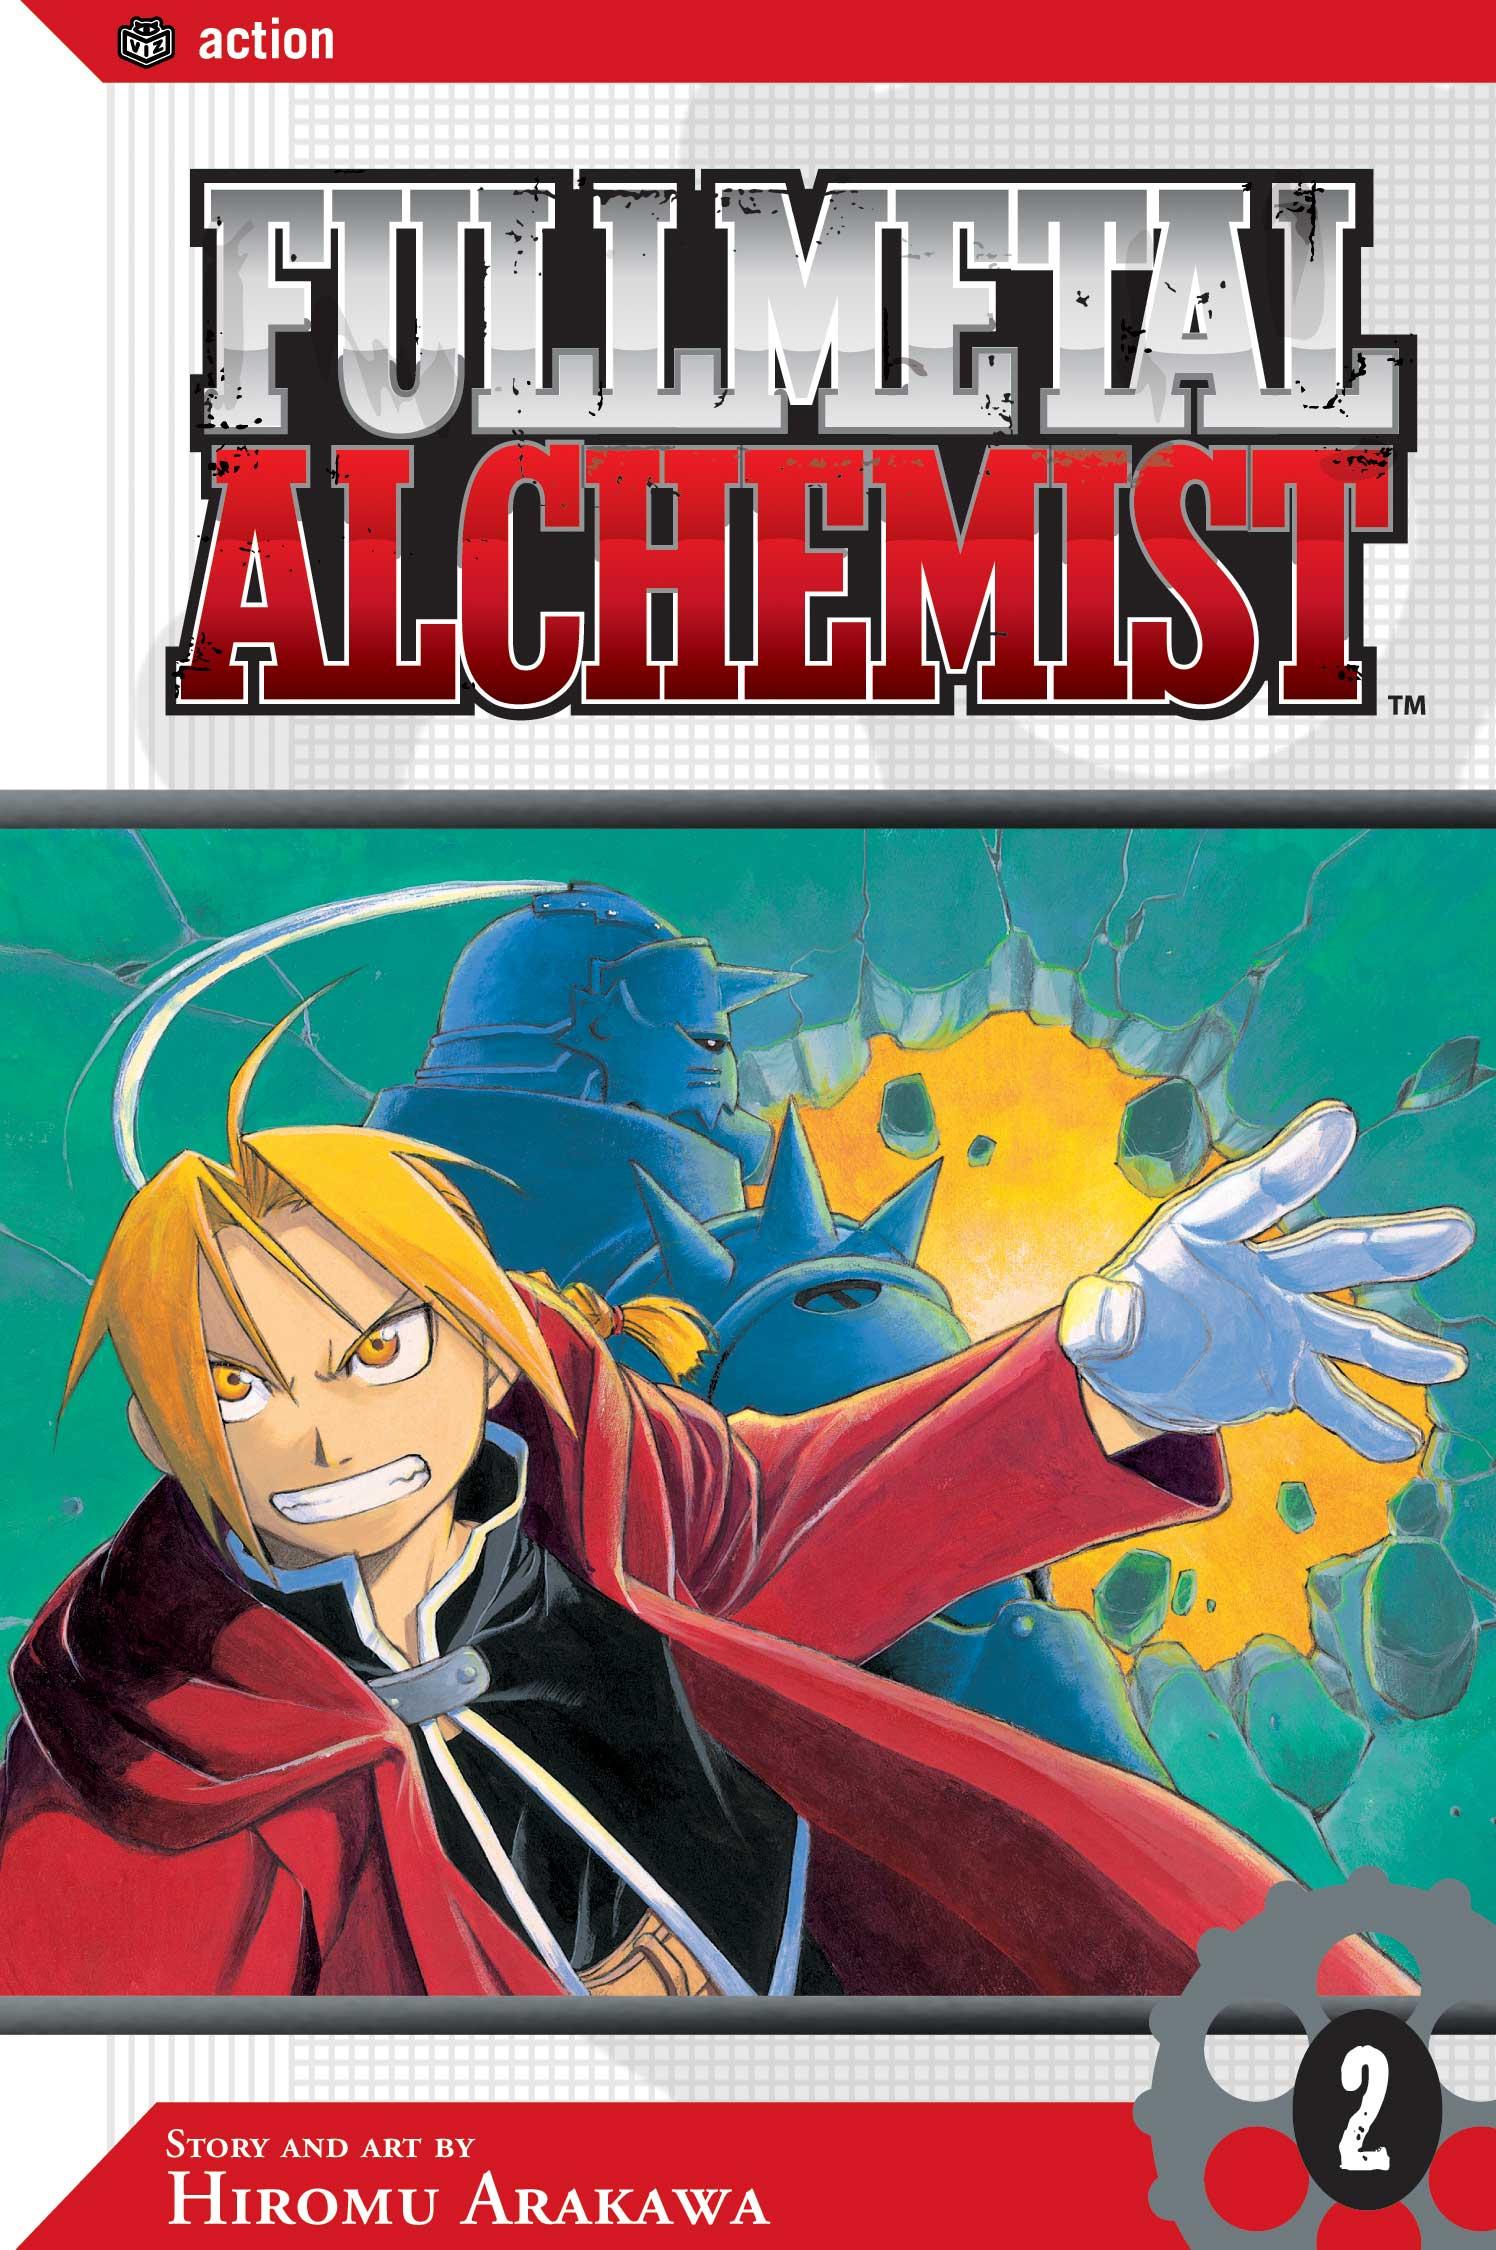 fullmetal alchemist vol book by hiromu arakawa official  book cover image jpg fullmetal alchemist vol 2